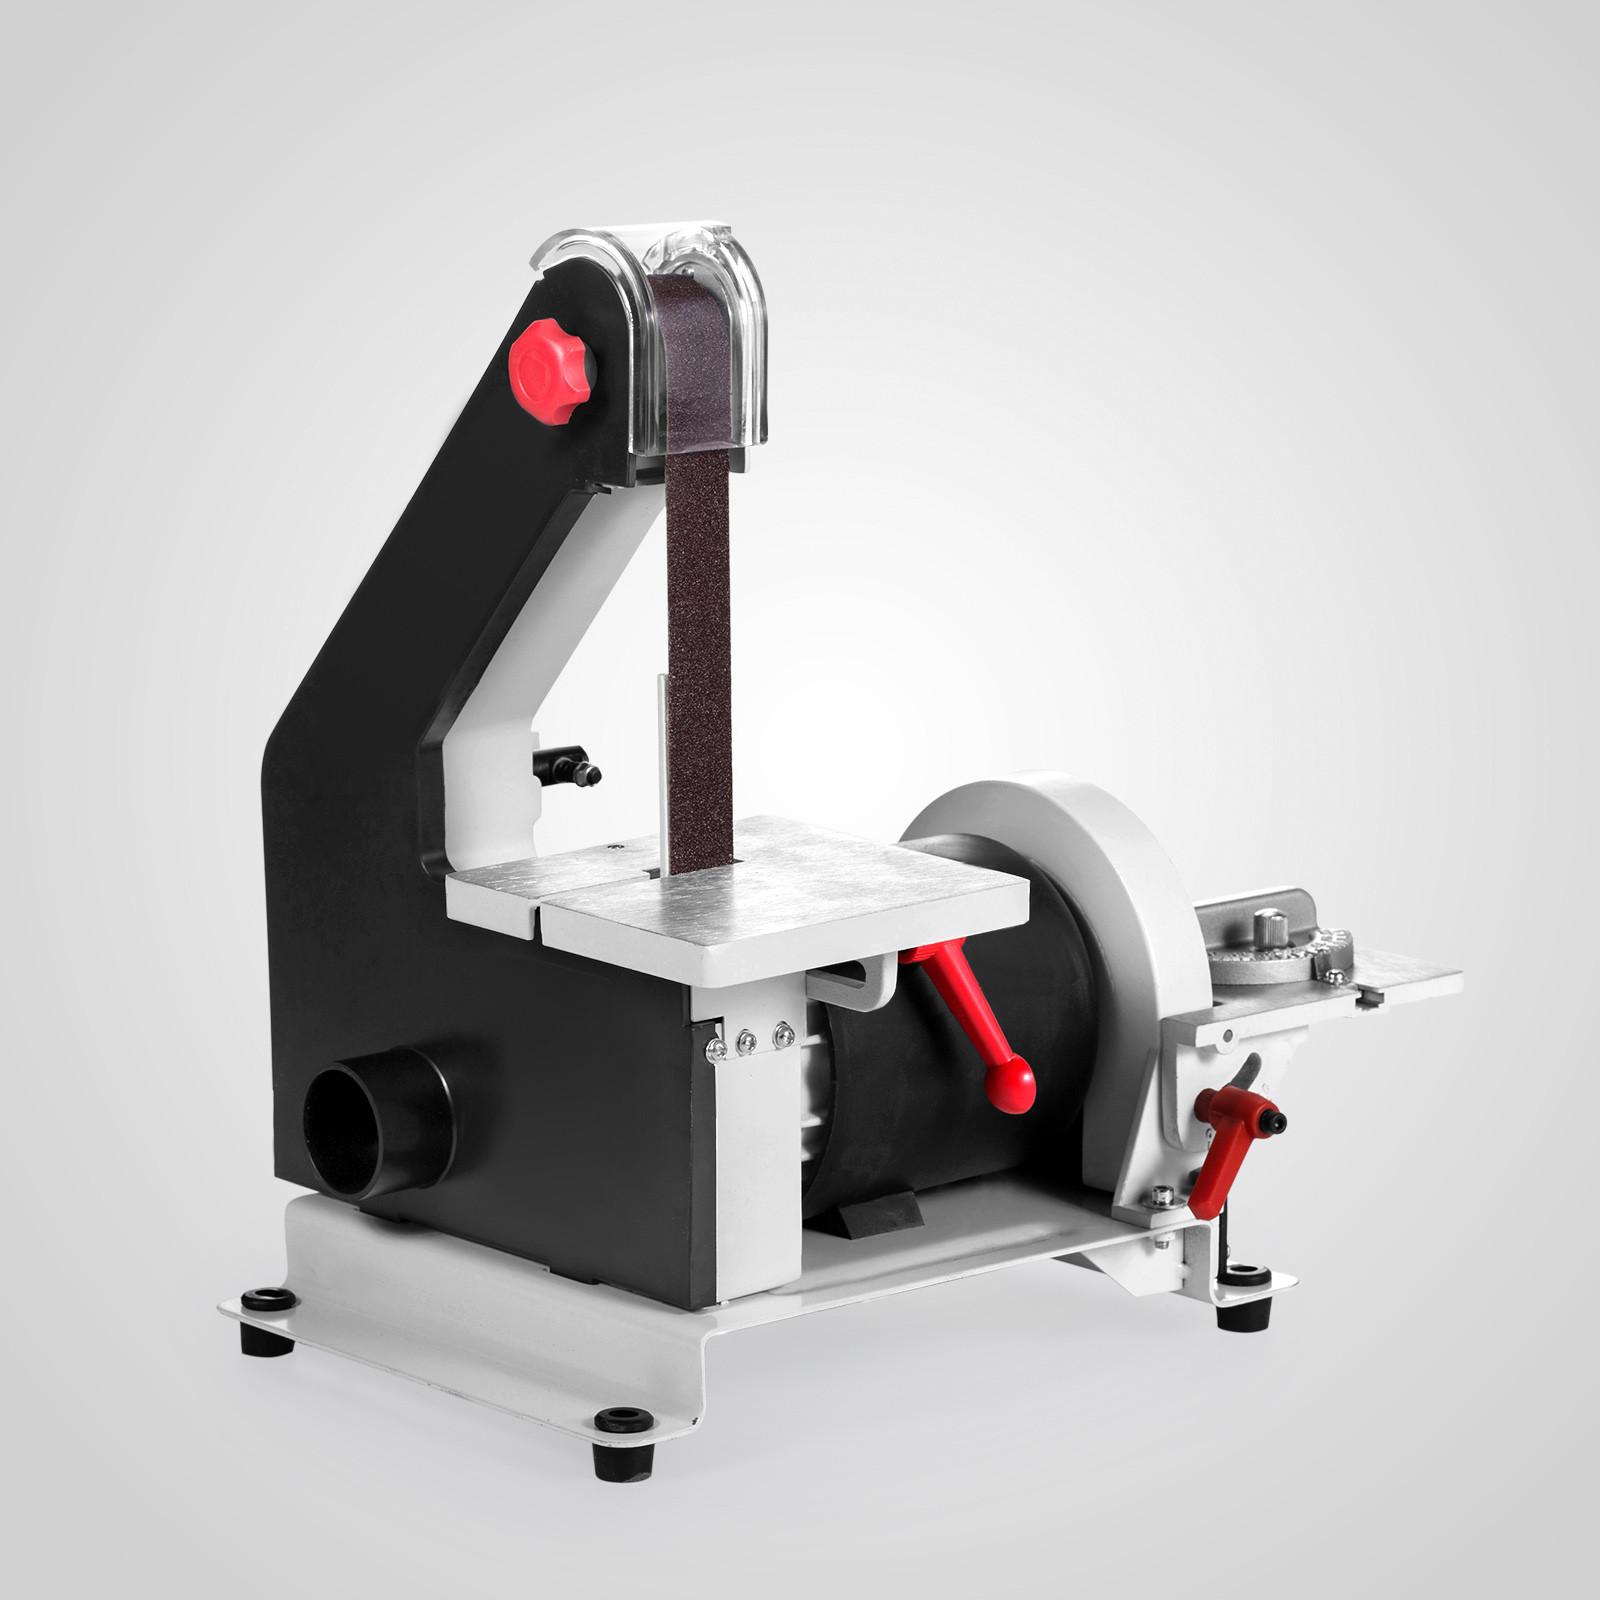 Bench Grinder Amp Belt Sander Diy 300w Workshop Sanding